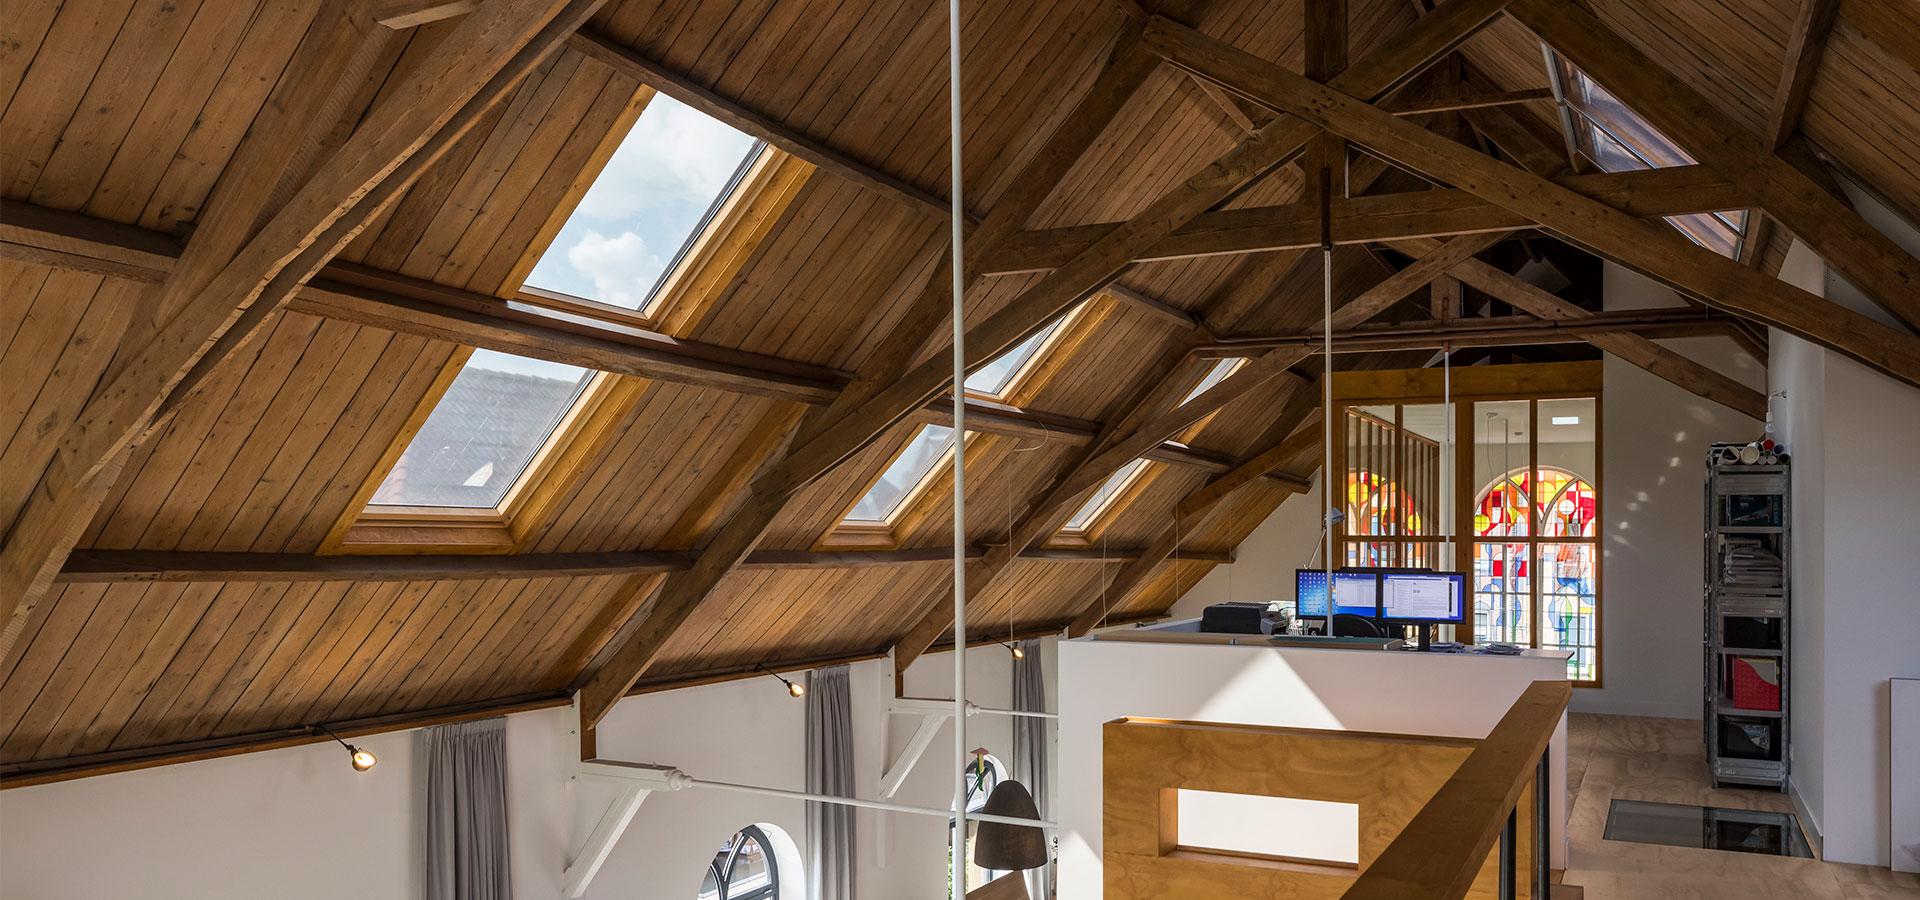 FARO architecten herbestemming kerkje Alphen aan den Rijn 08